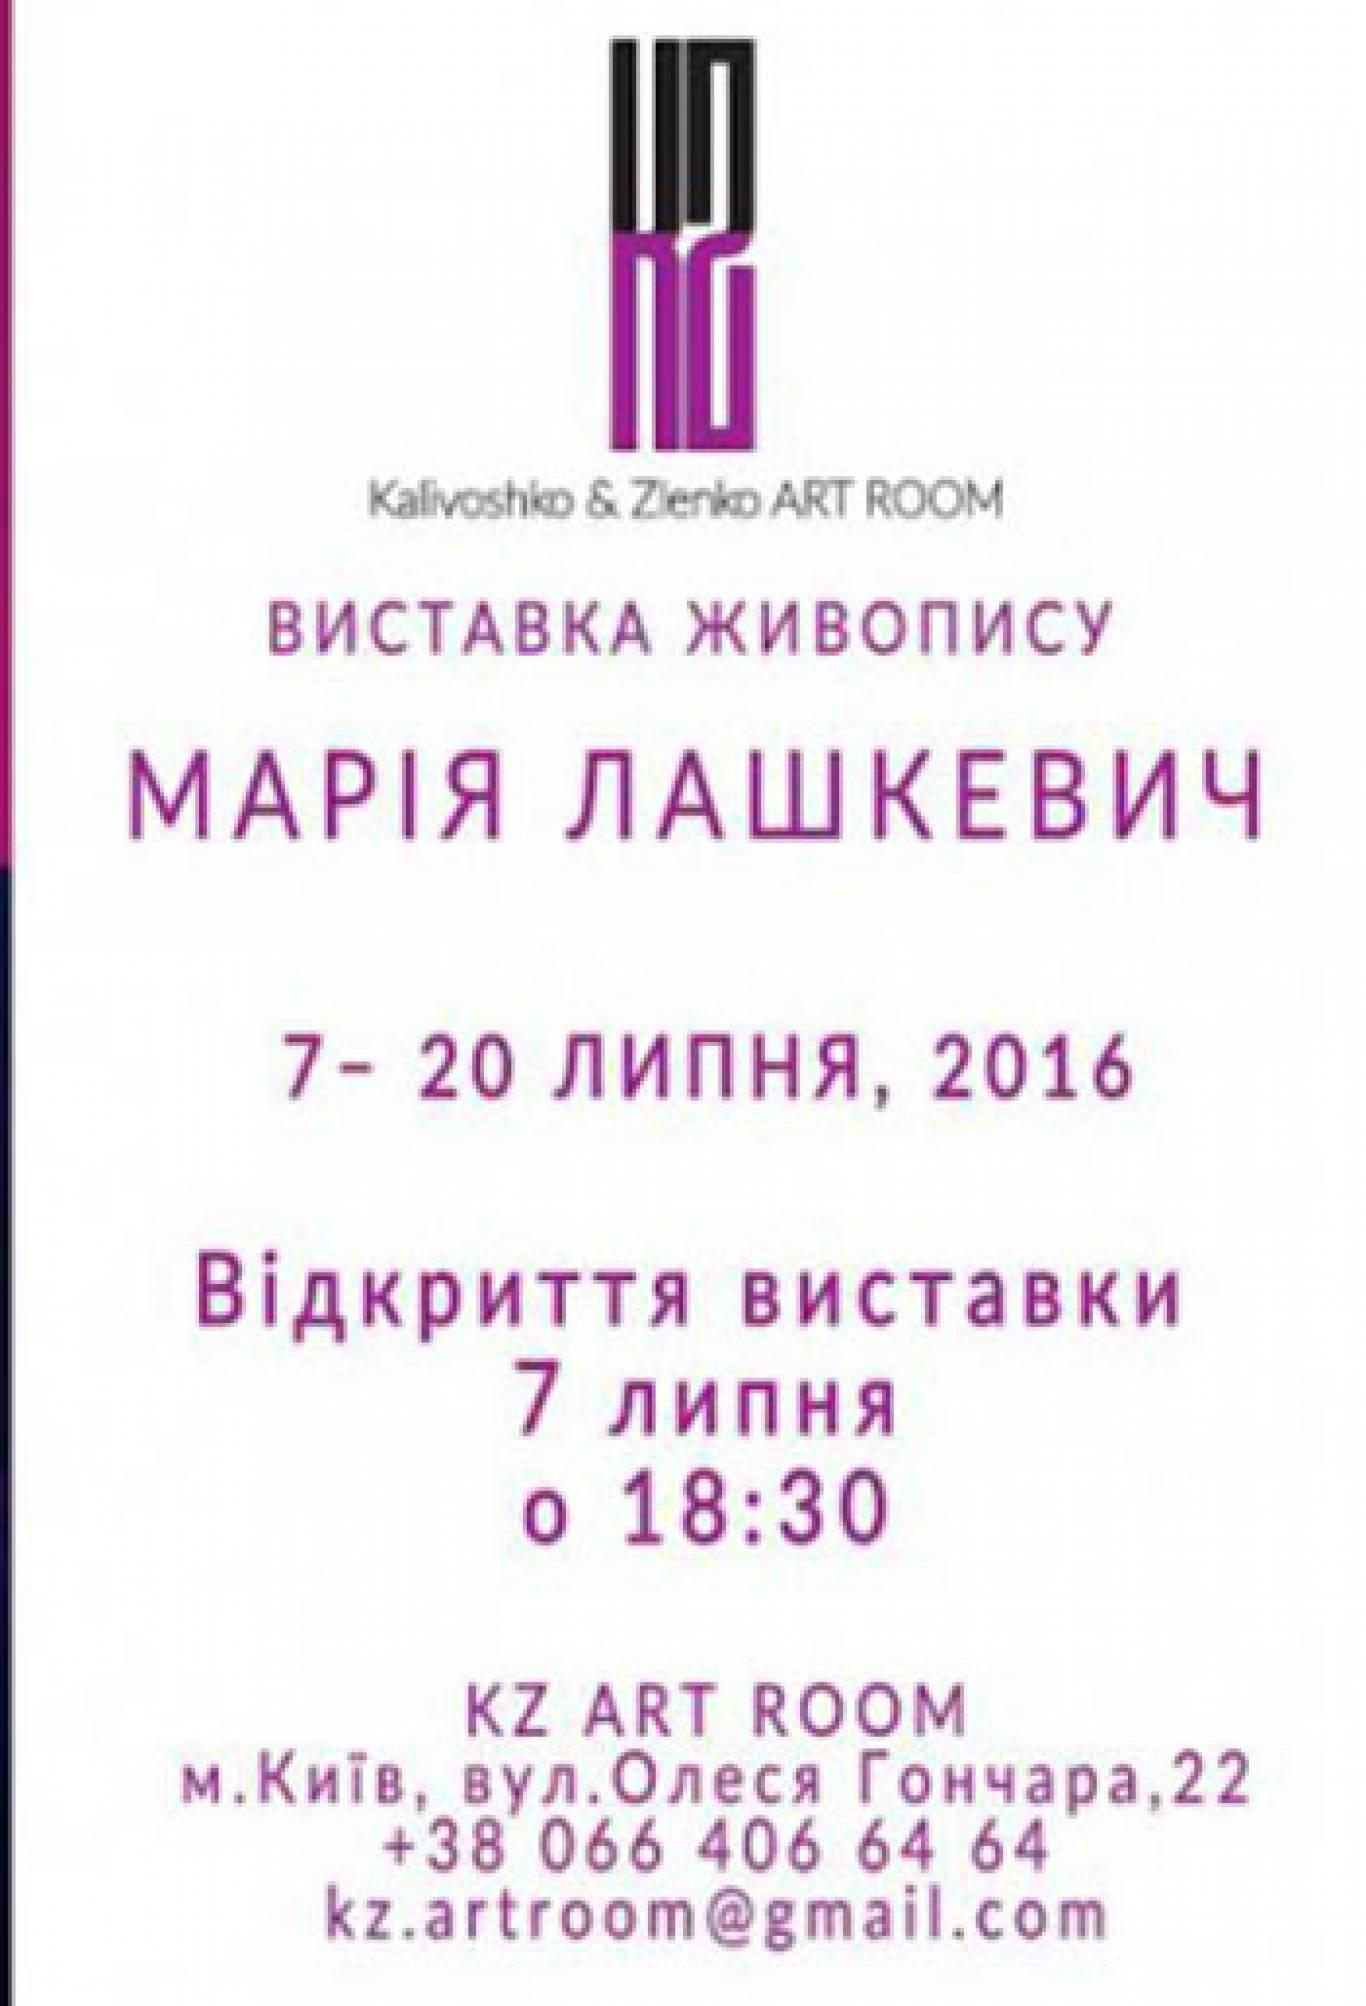 Виставка української художниці Марії Лашкевич